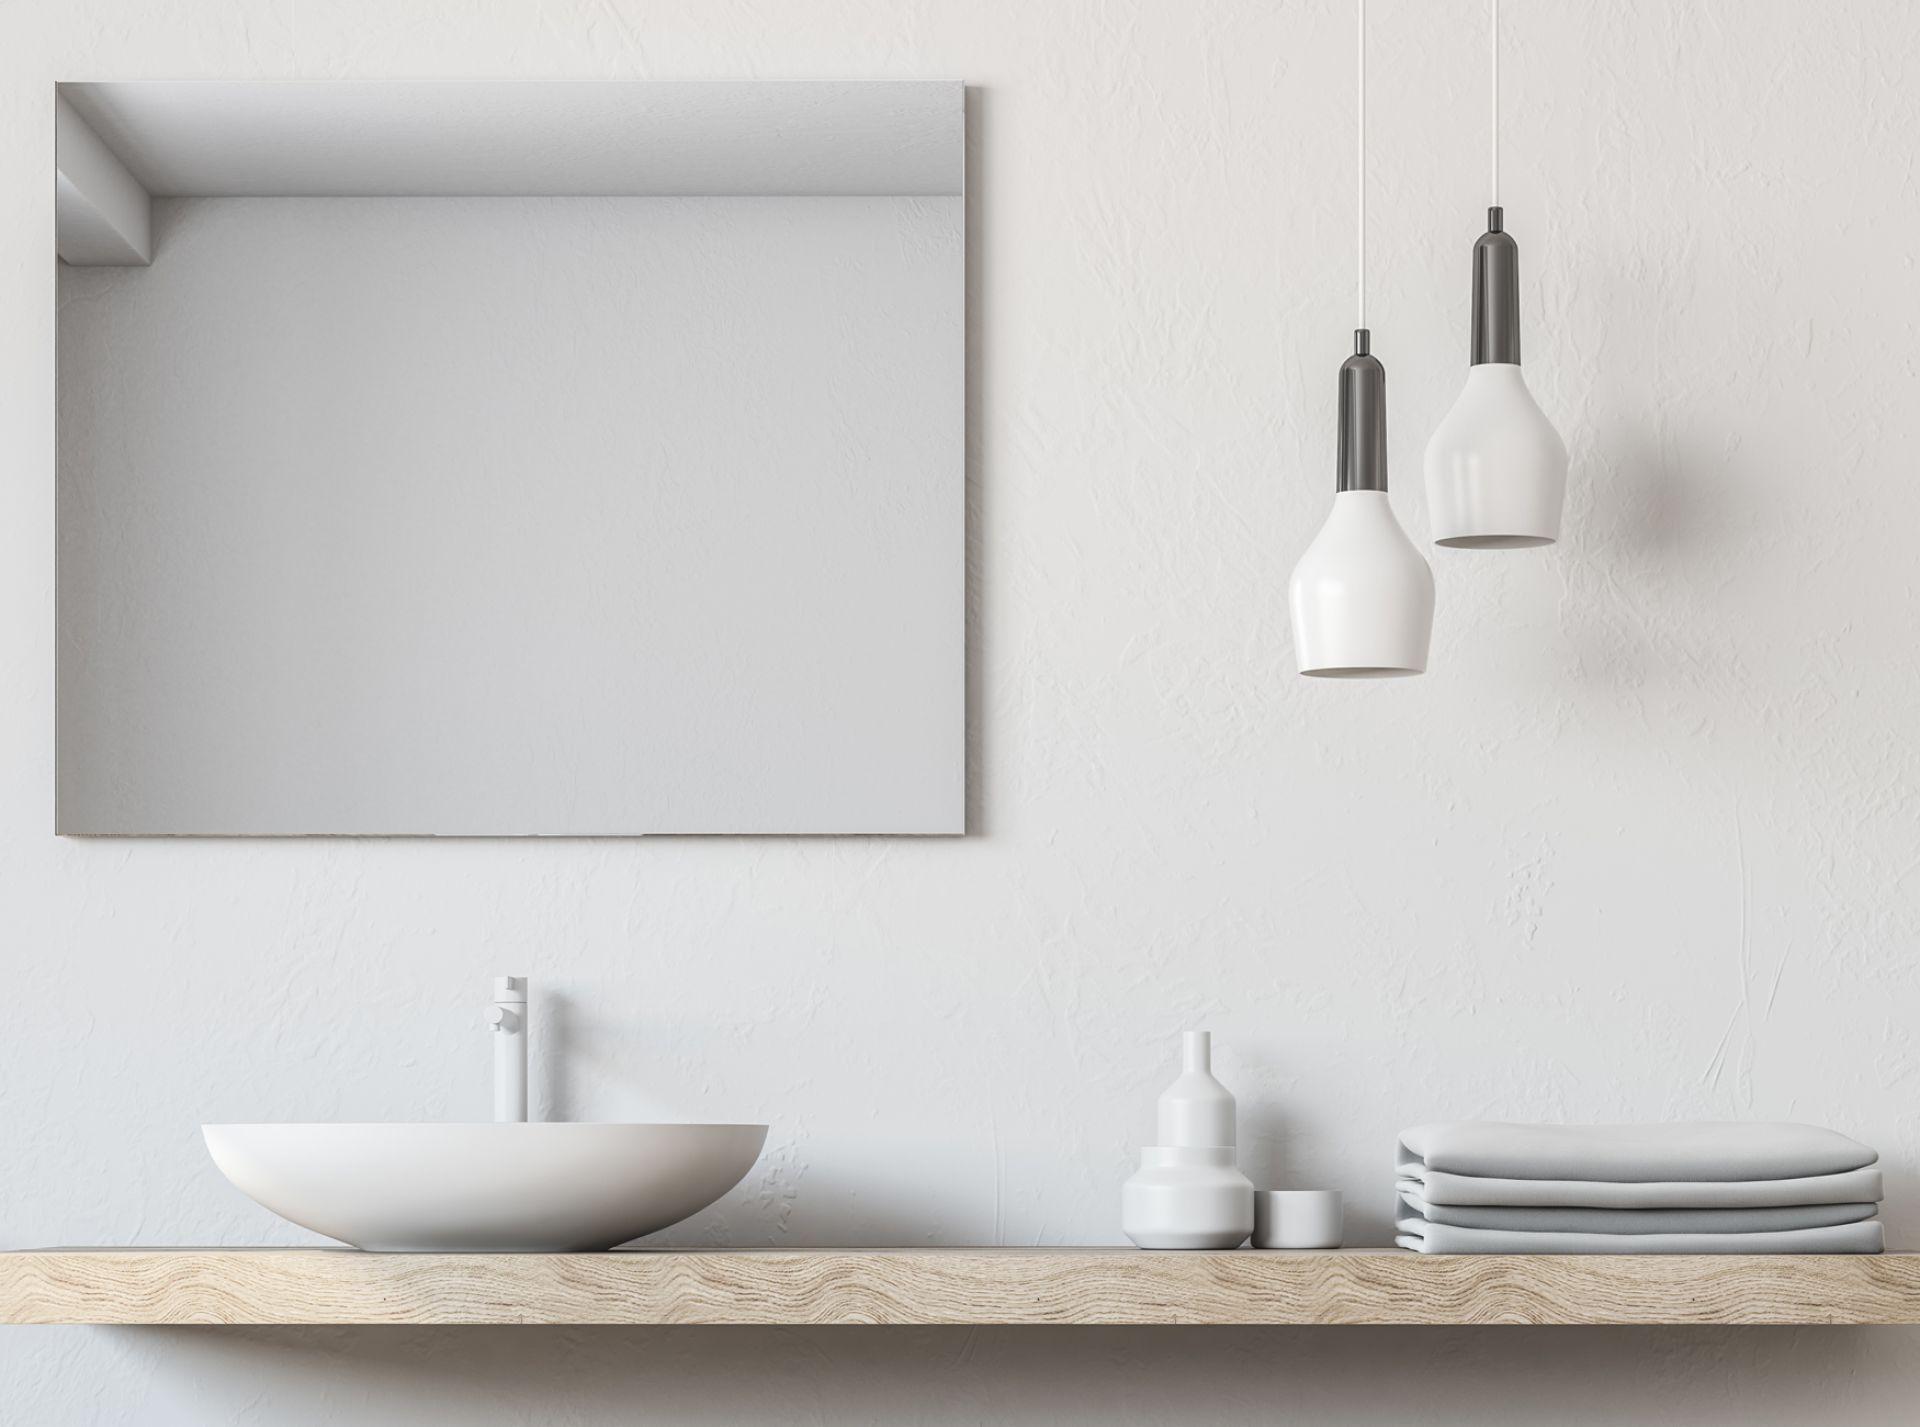 Spiegelheizung Nomix Mirror ohne Rhamen Anwendungsbeispiel 3